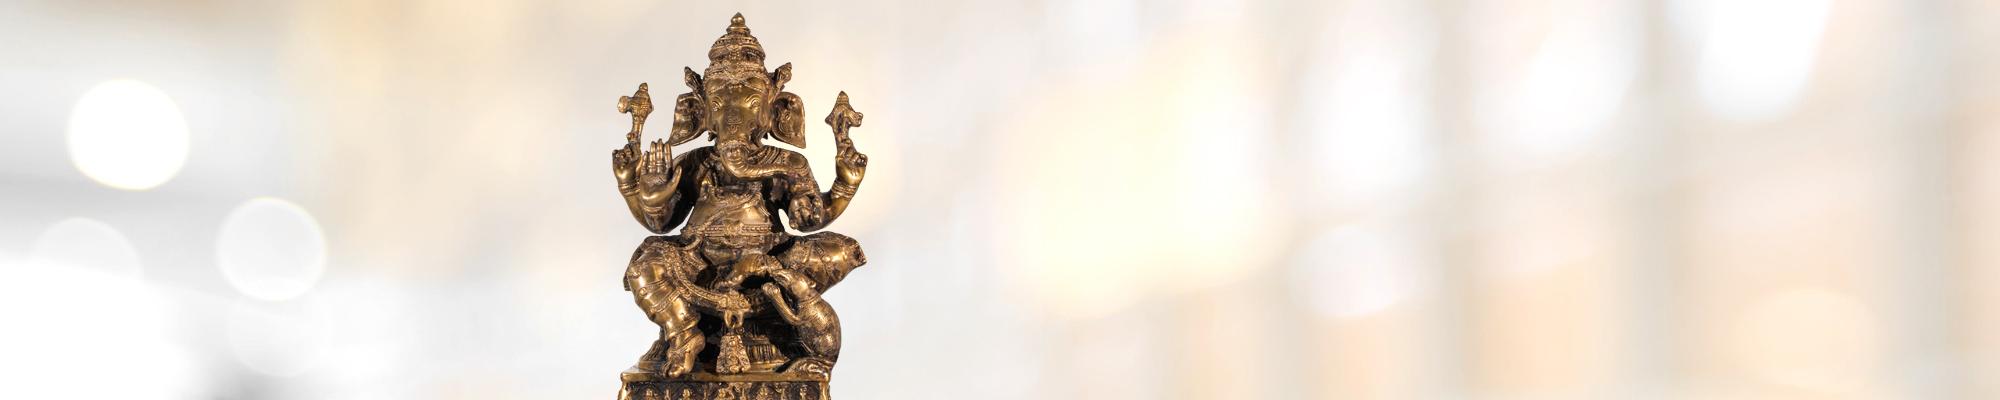 Ganesha begrüßt die Patienten in der Ayurveda-Praxis von Sigrid Lottes.